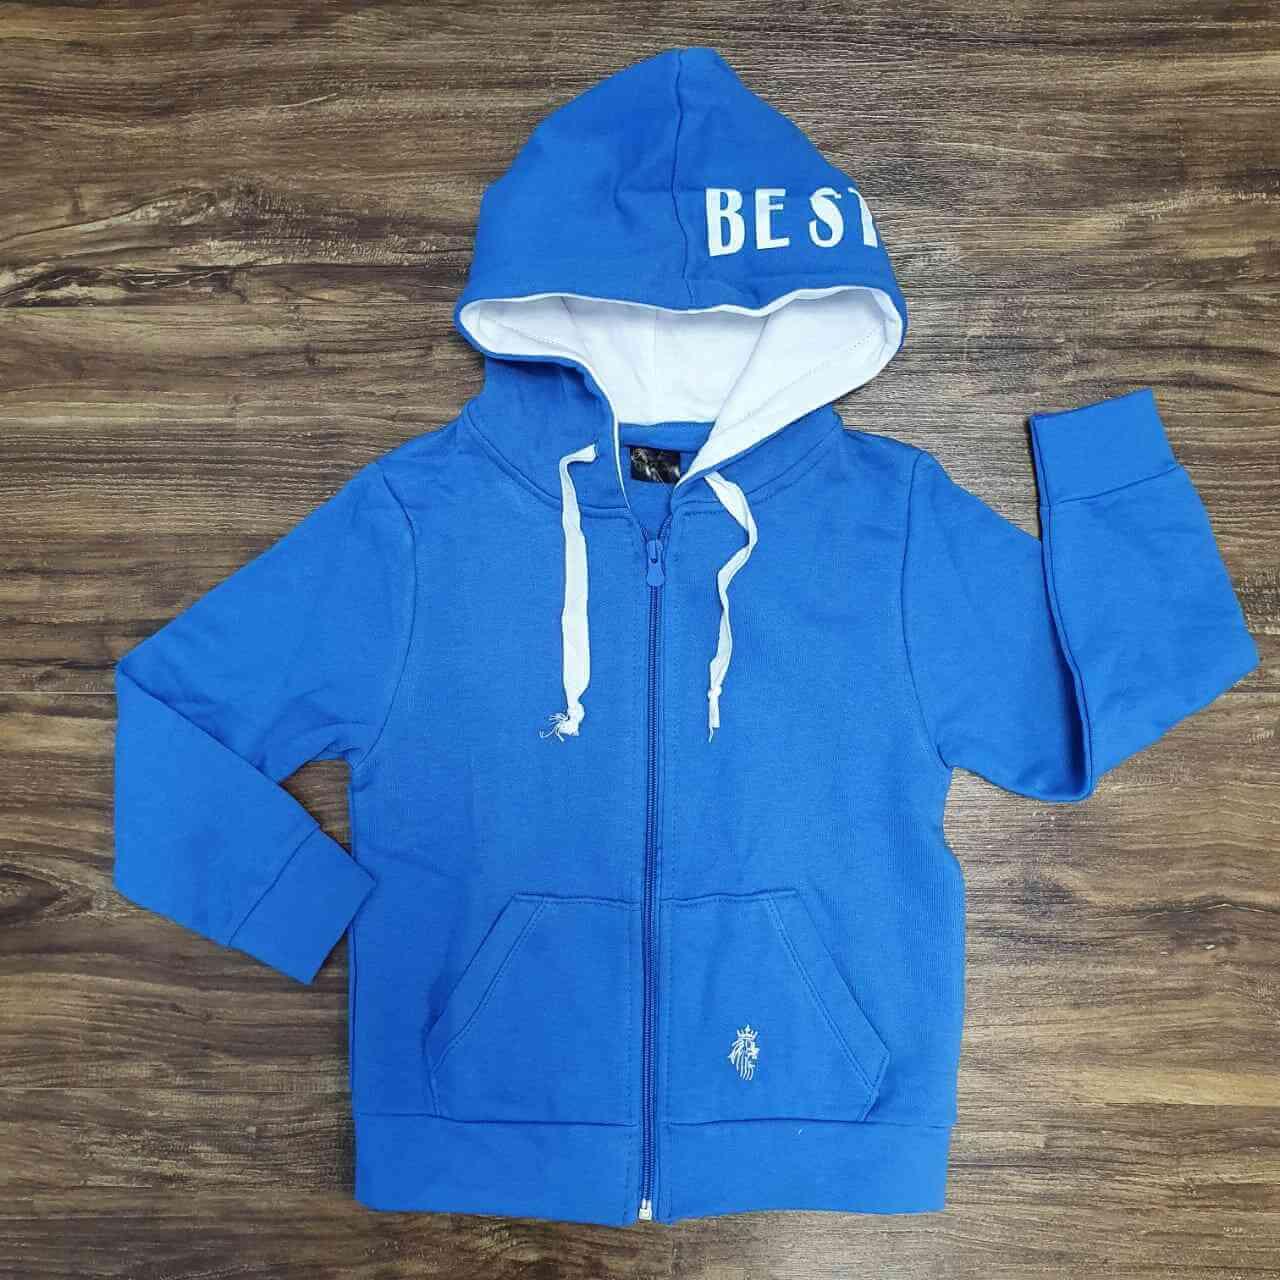 Blusa Moletom Best Infantil